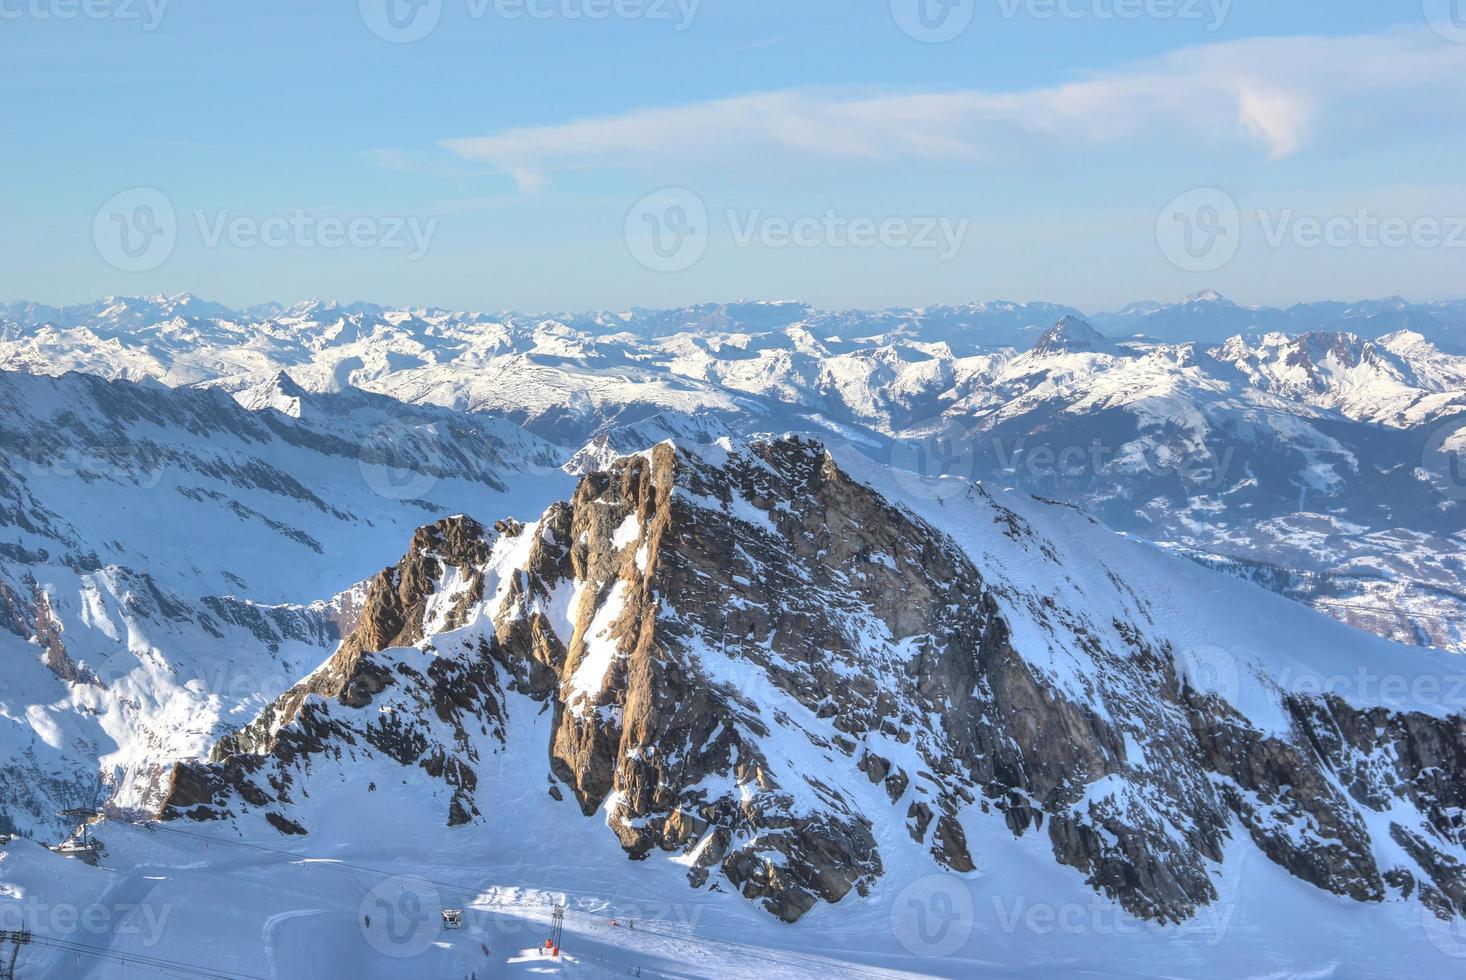 fabelhafte Aussicht - Skigebiet Kitzsteinhorn, Österreich. foto